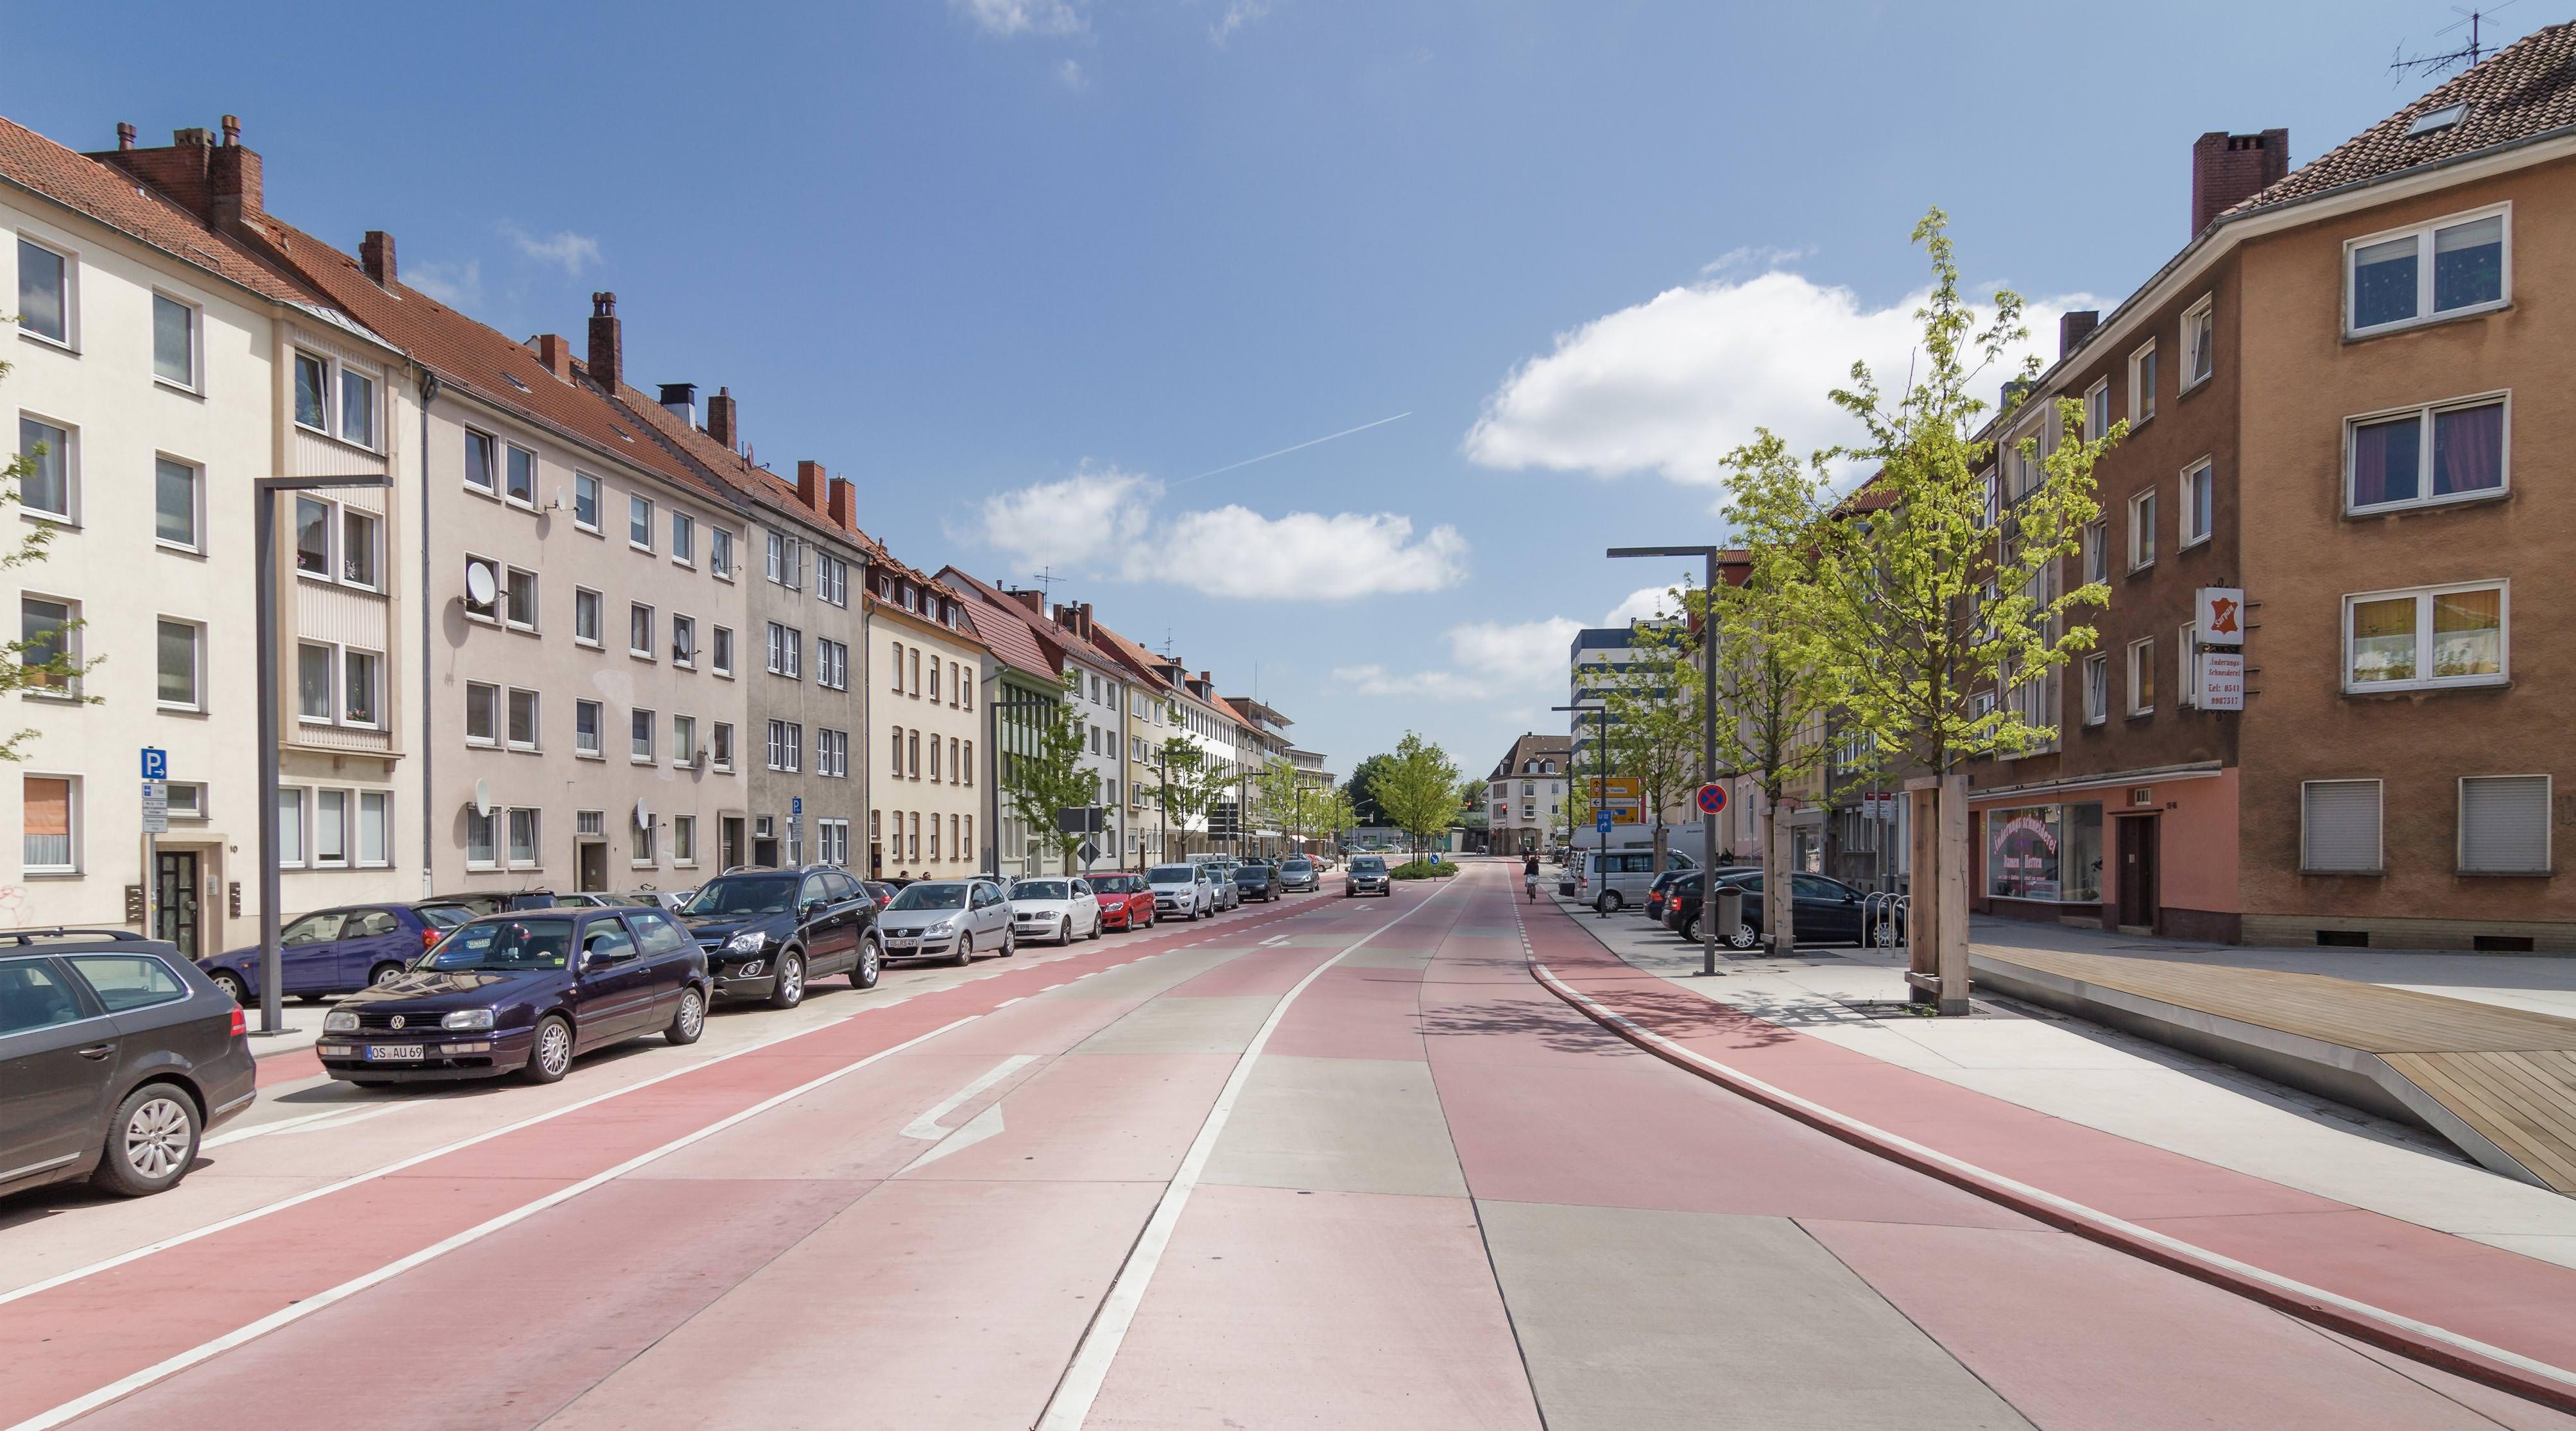 Rosenplatz Osnabrück Gesamtbild